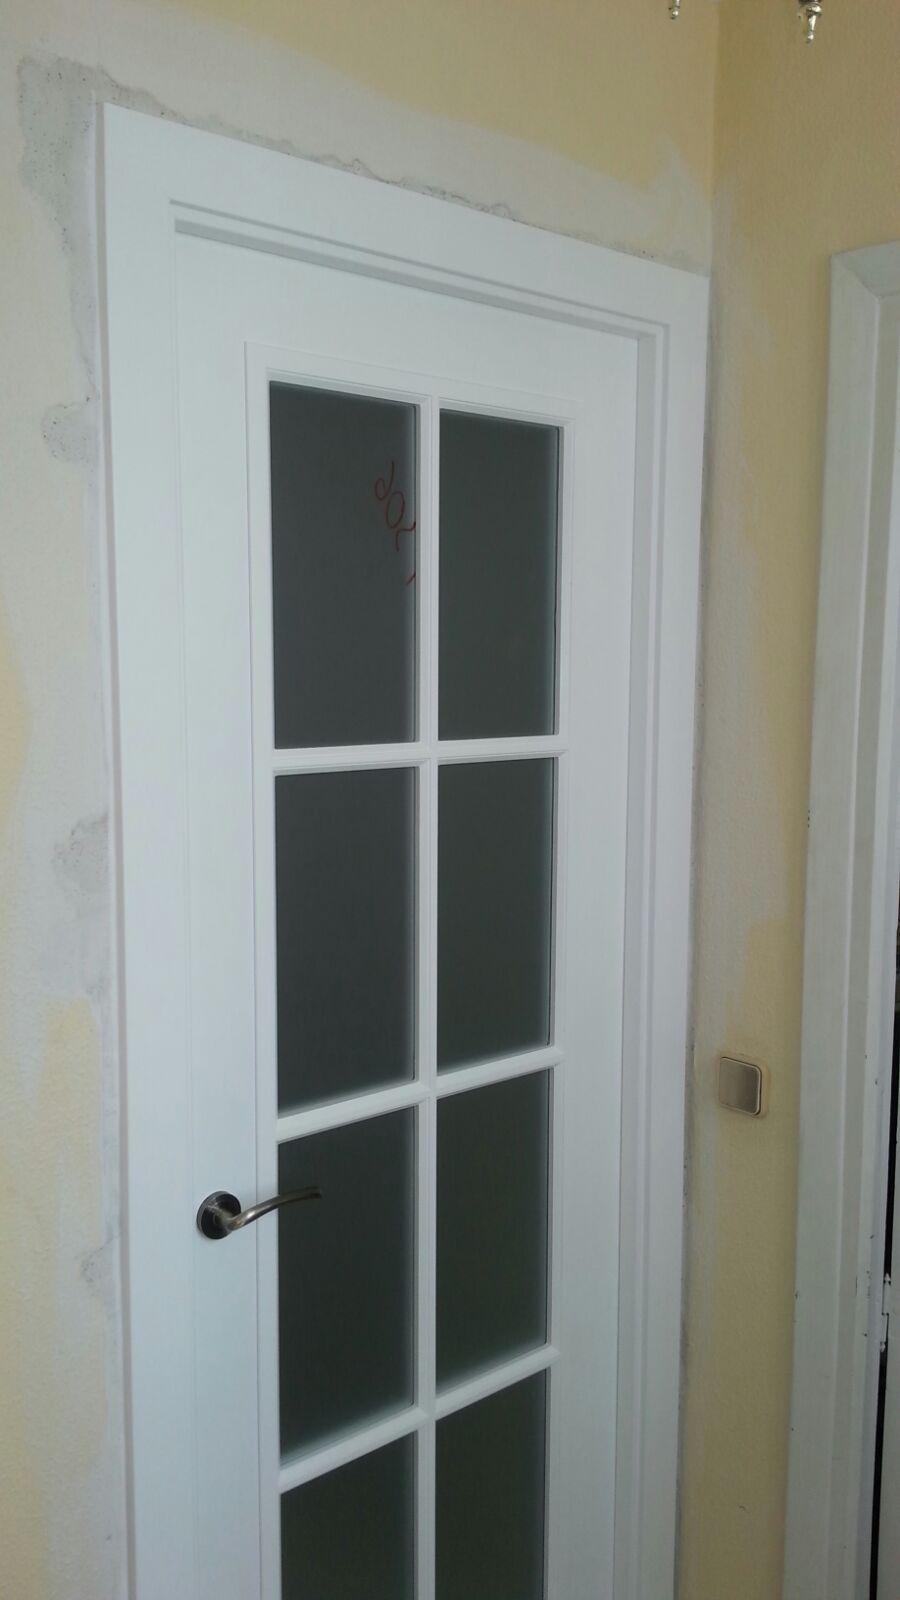 Puerta lacada en blanco modelo fontana y v8 cristal for Precio puertas macizas lacadas en blanco